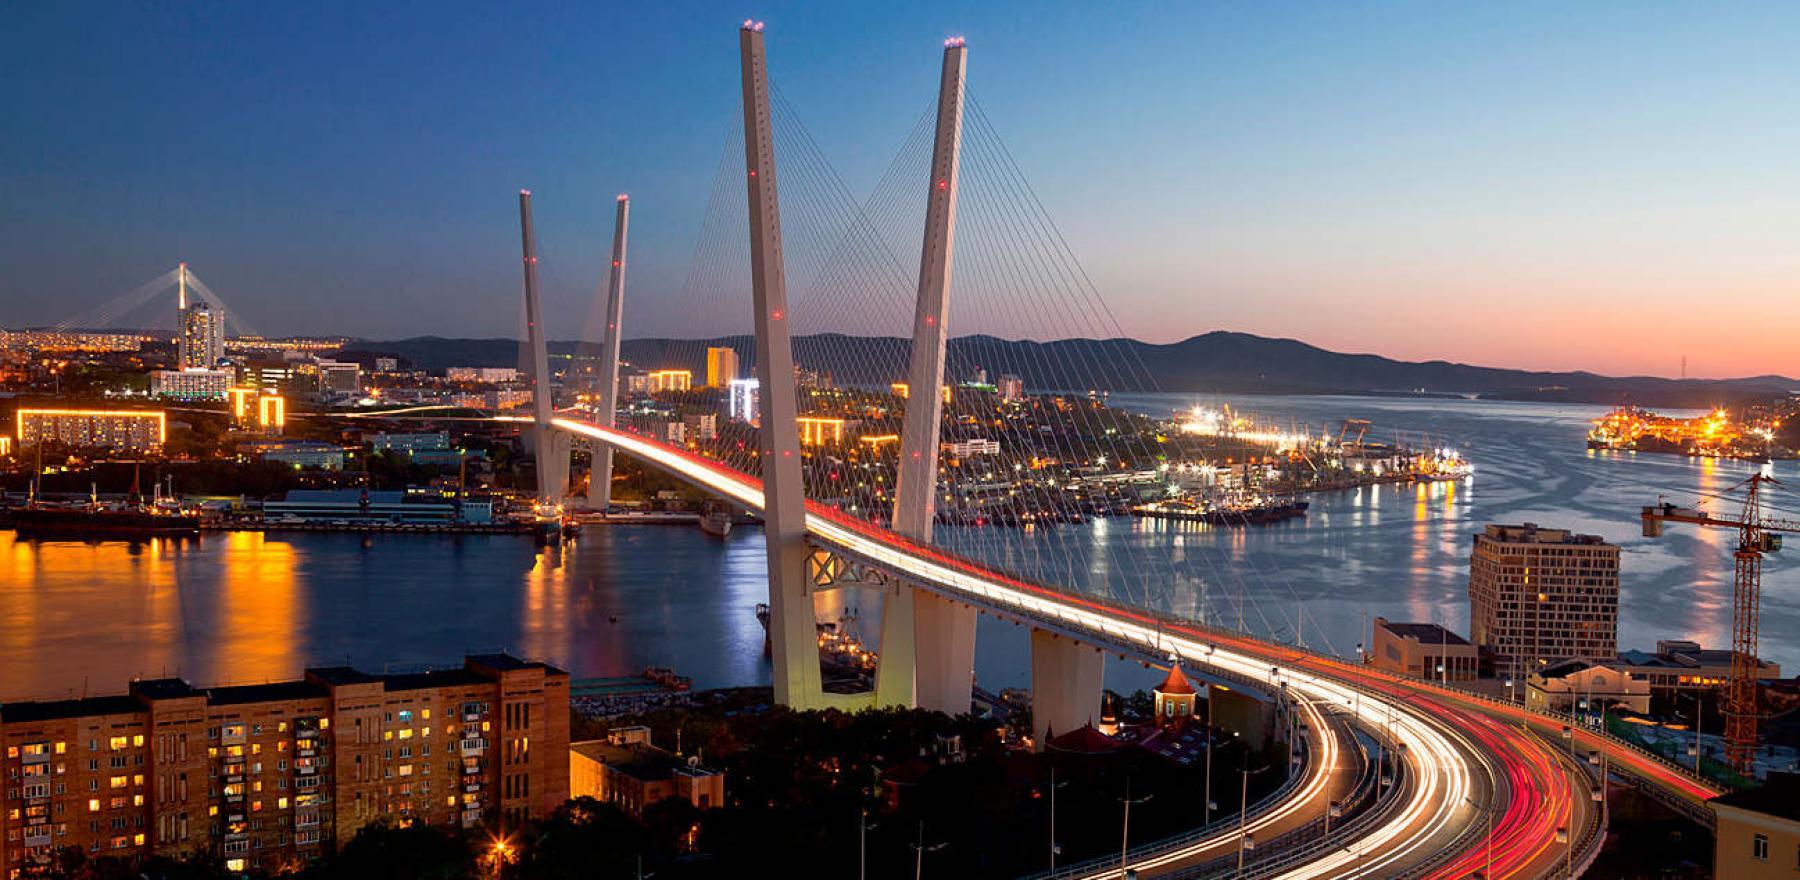 панорамные фото мостов владивостока студийной съемке чаще